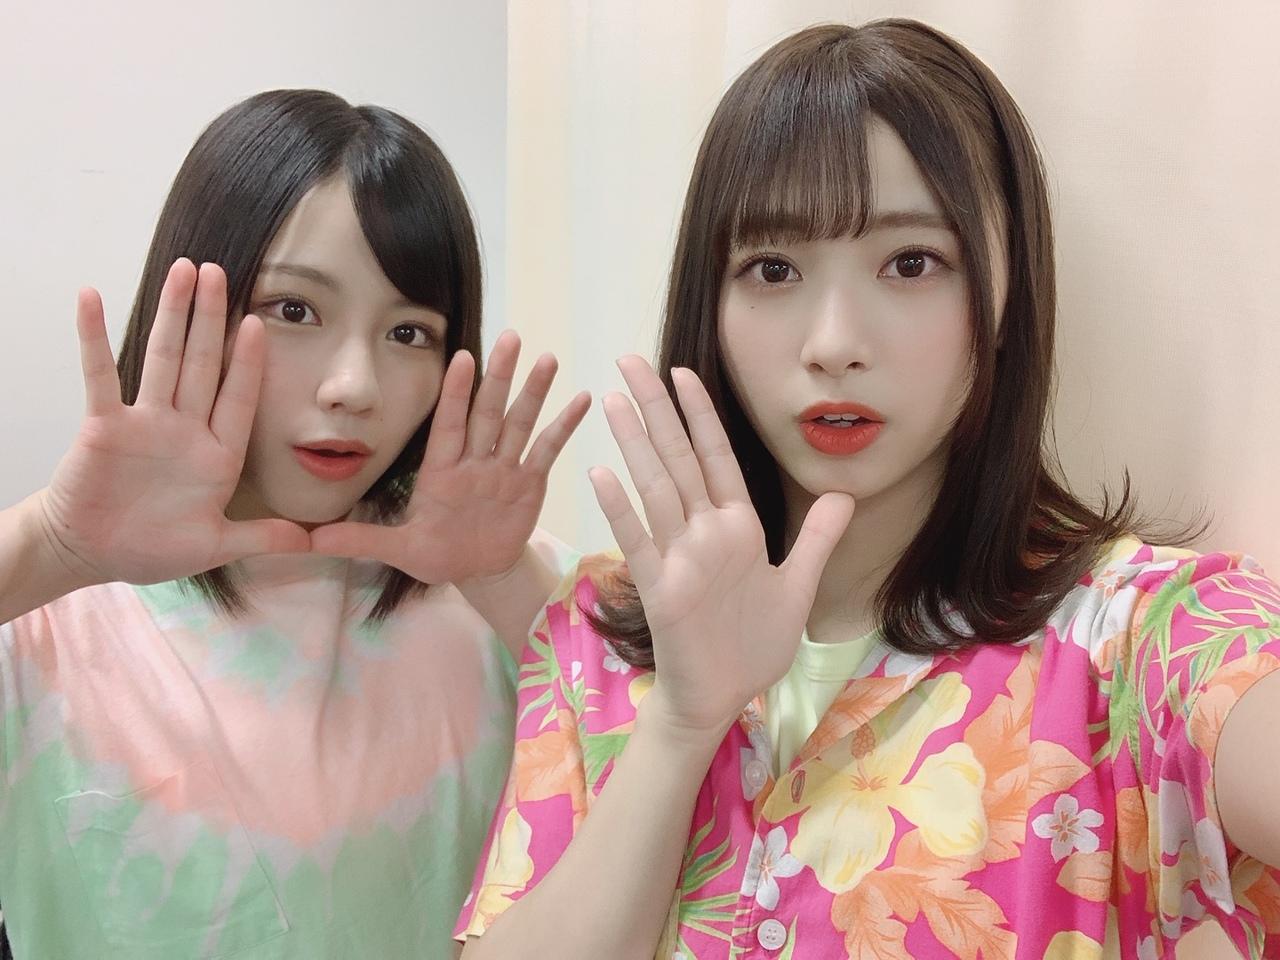 日向坂46メンバーブログまとめ2019年7月26日